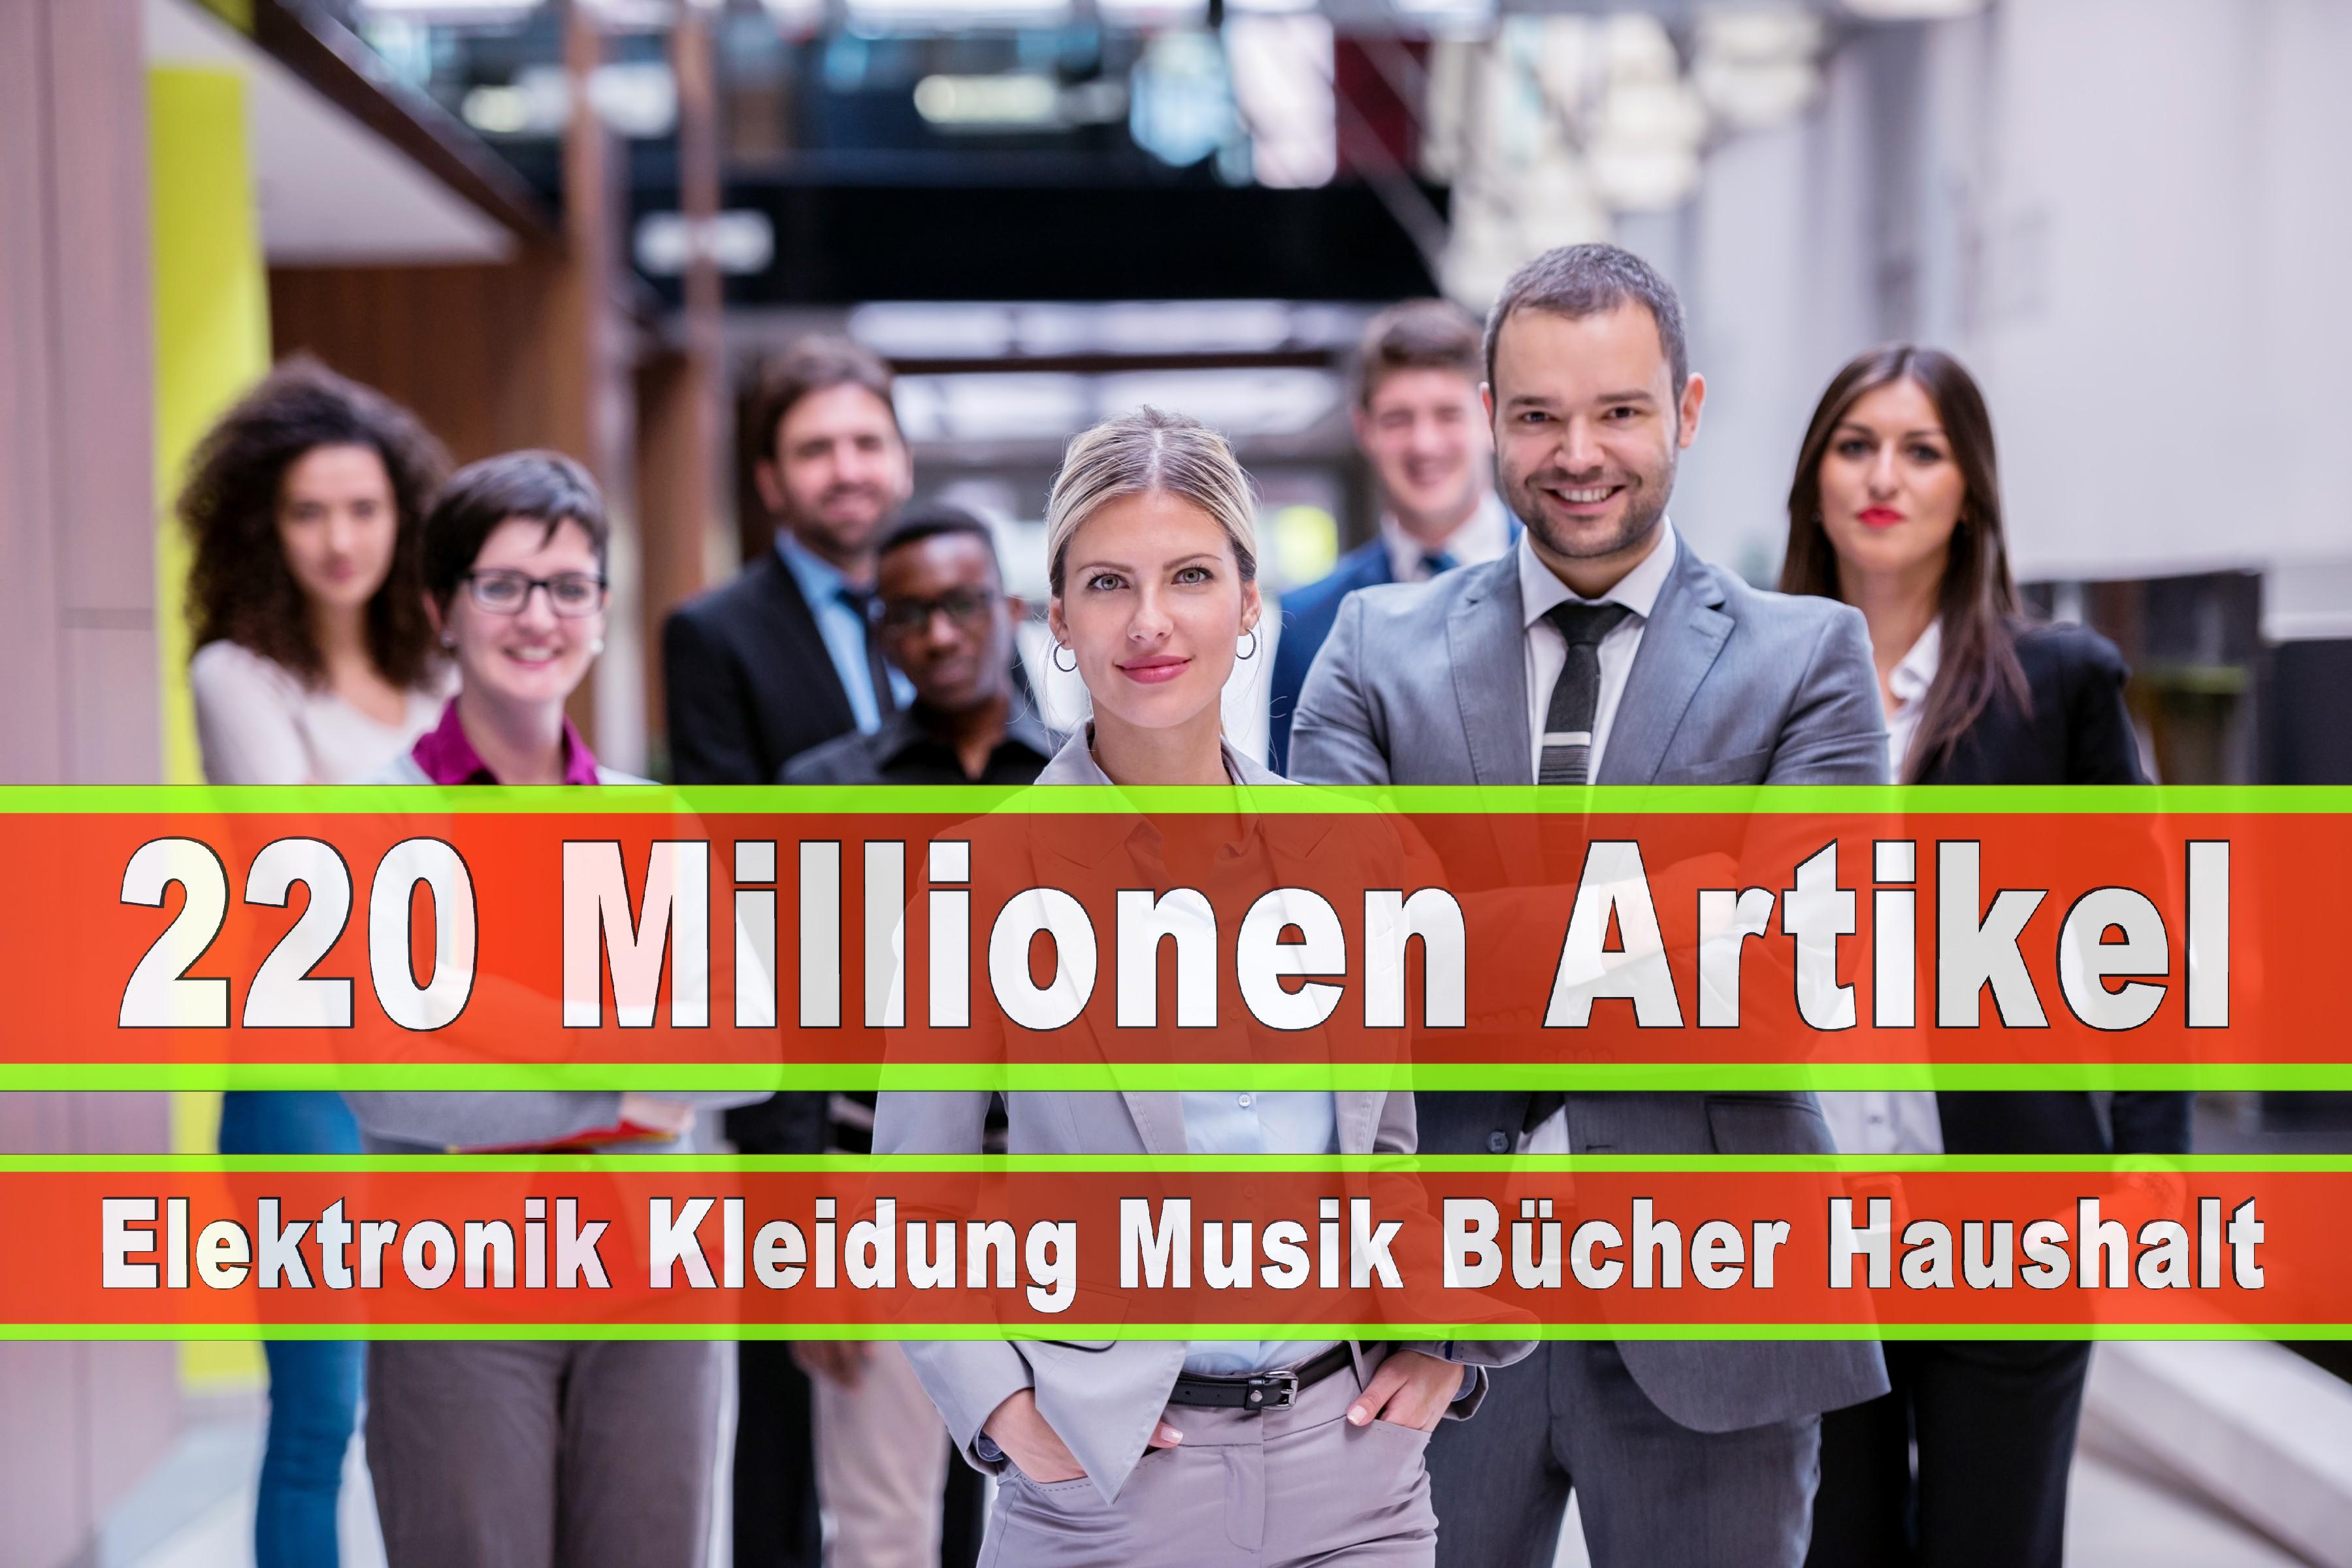 Amazon Elektronik Musik Haushalt Bücher CD DVD Handys Smartphones TV Television Fernseher Kleidung Mode Ebay Versandhaus (207)